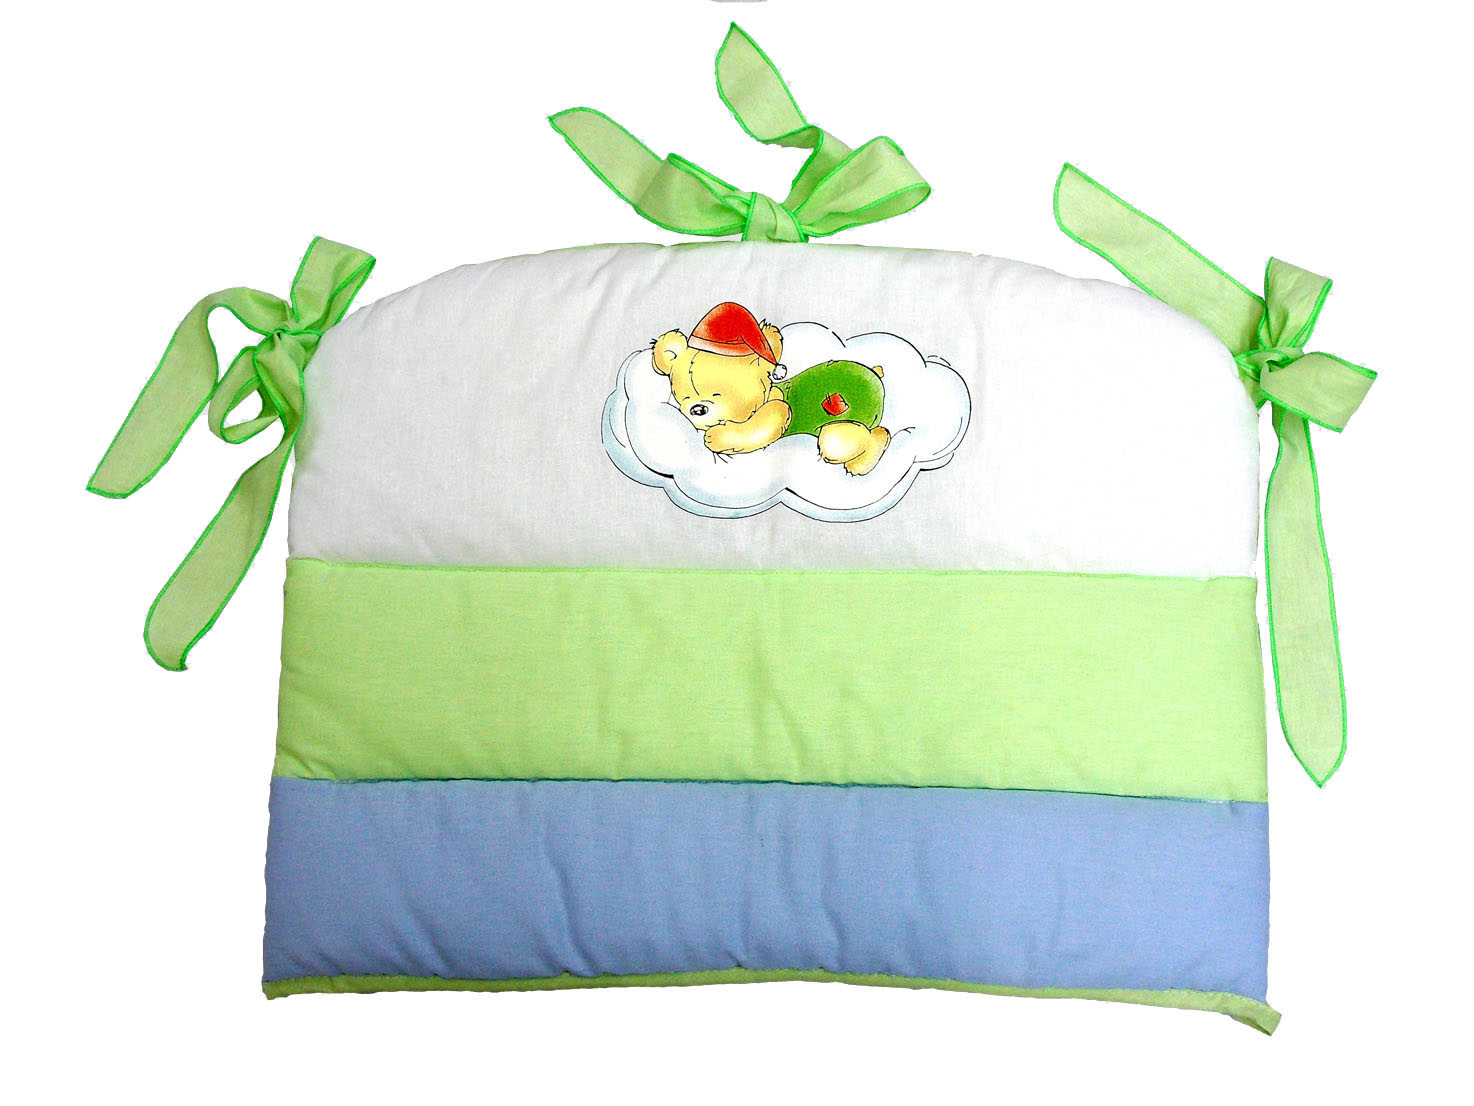 Бампер - CapriccioДетское постельное белье<br>Бампер - Capriccio<br>